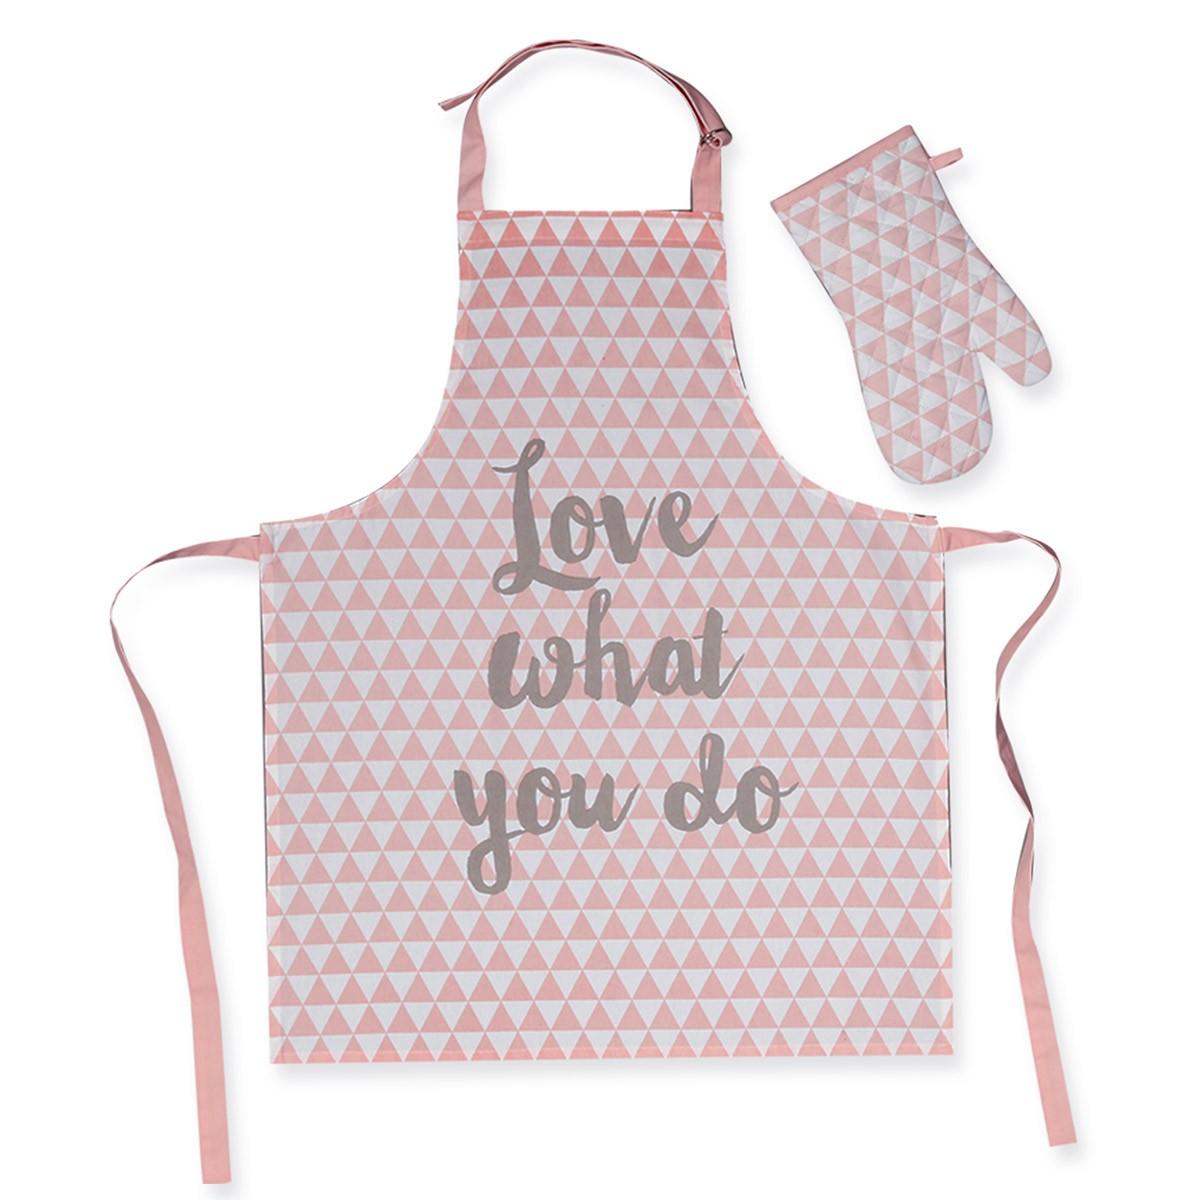 Σετ Κουζίνας 2τμχ Nef-Nef Mood Pink home   κουζίνα   τραπεζαρία   ποδιές   πιάστρες